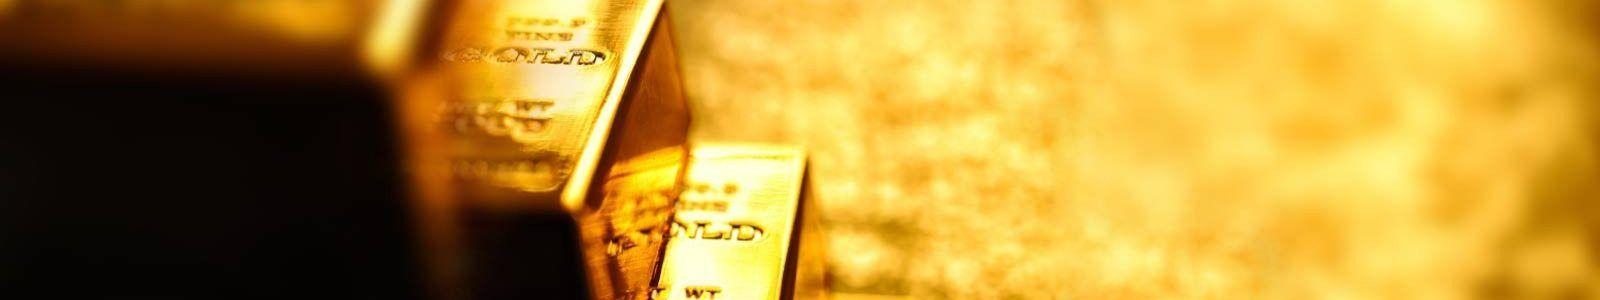 Gold Silber Diamanten Auktionen. No.1 Gold Silber Diamanten Auktionen Portal http://dld.bz/eEfFZ